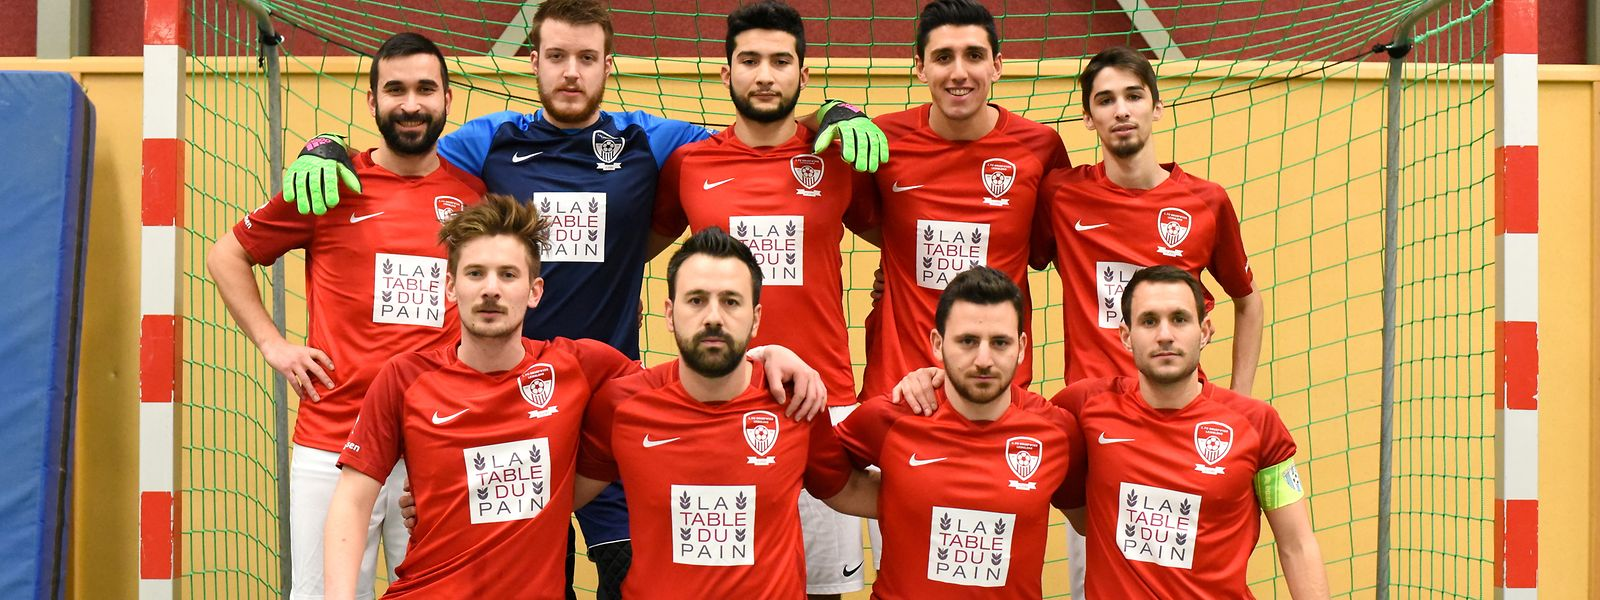 Le groupe du 1. FC Gruefwiss Leudelange est prêt à intégrer le championnat de Ligue 2 en 2019-2020